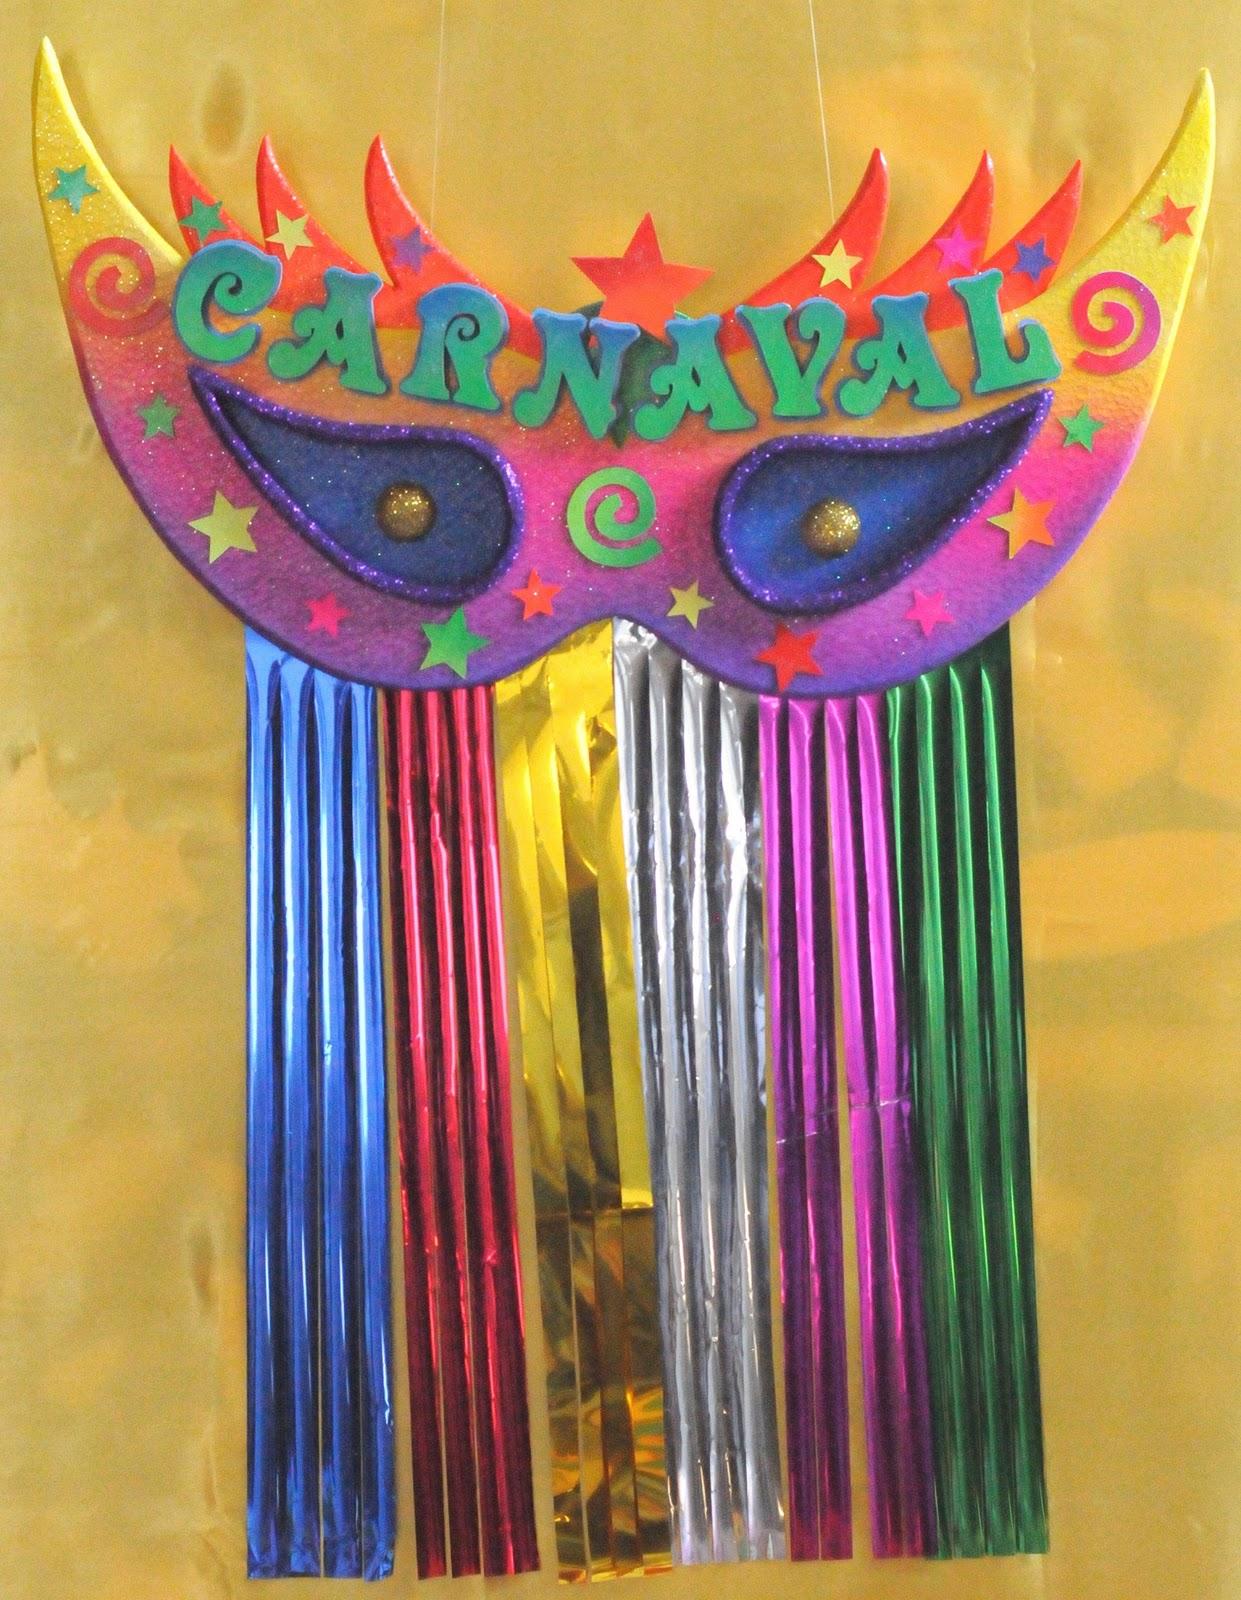 Decoracion en tecnopor lima per decoracion carnaval for Decoracion para carnaval